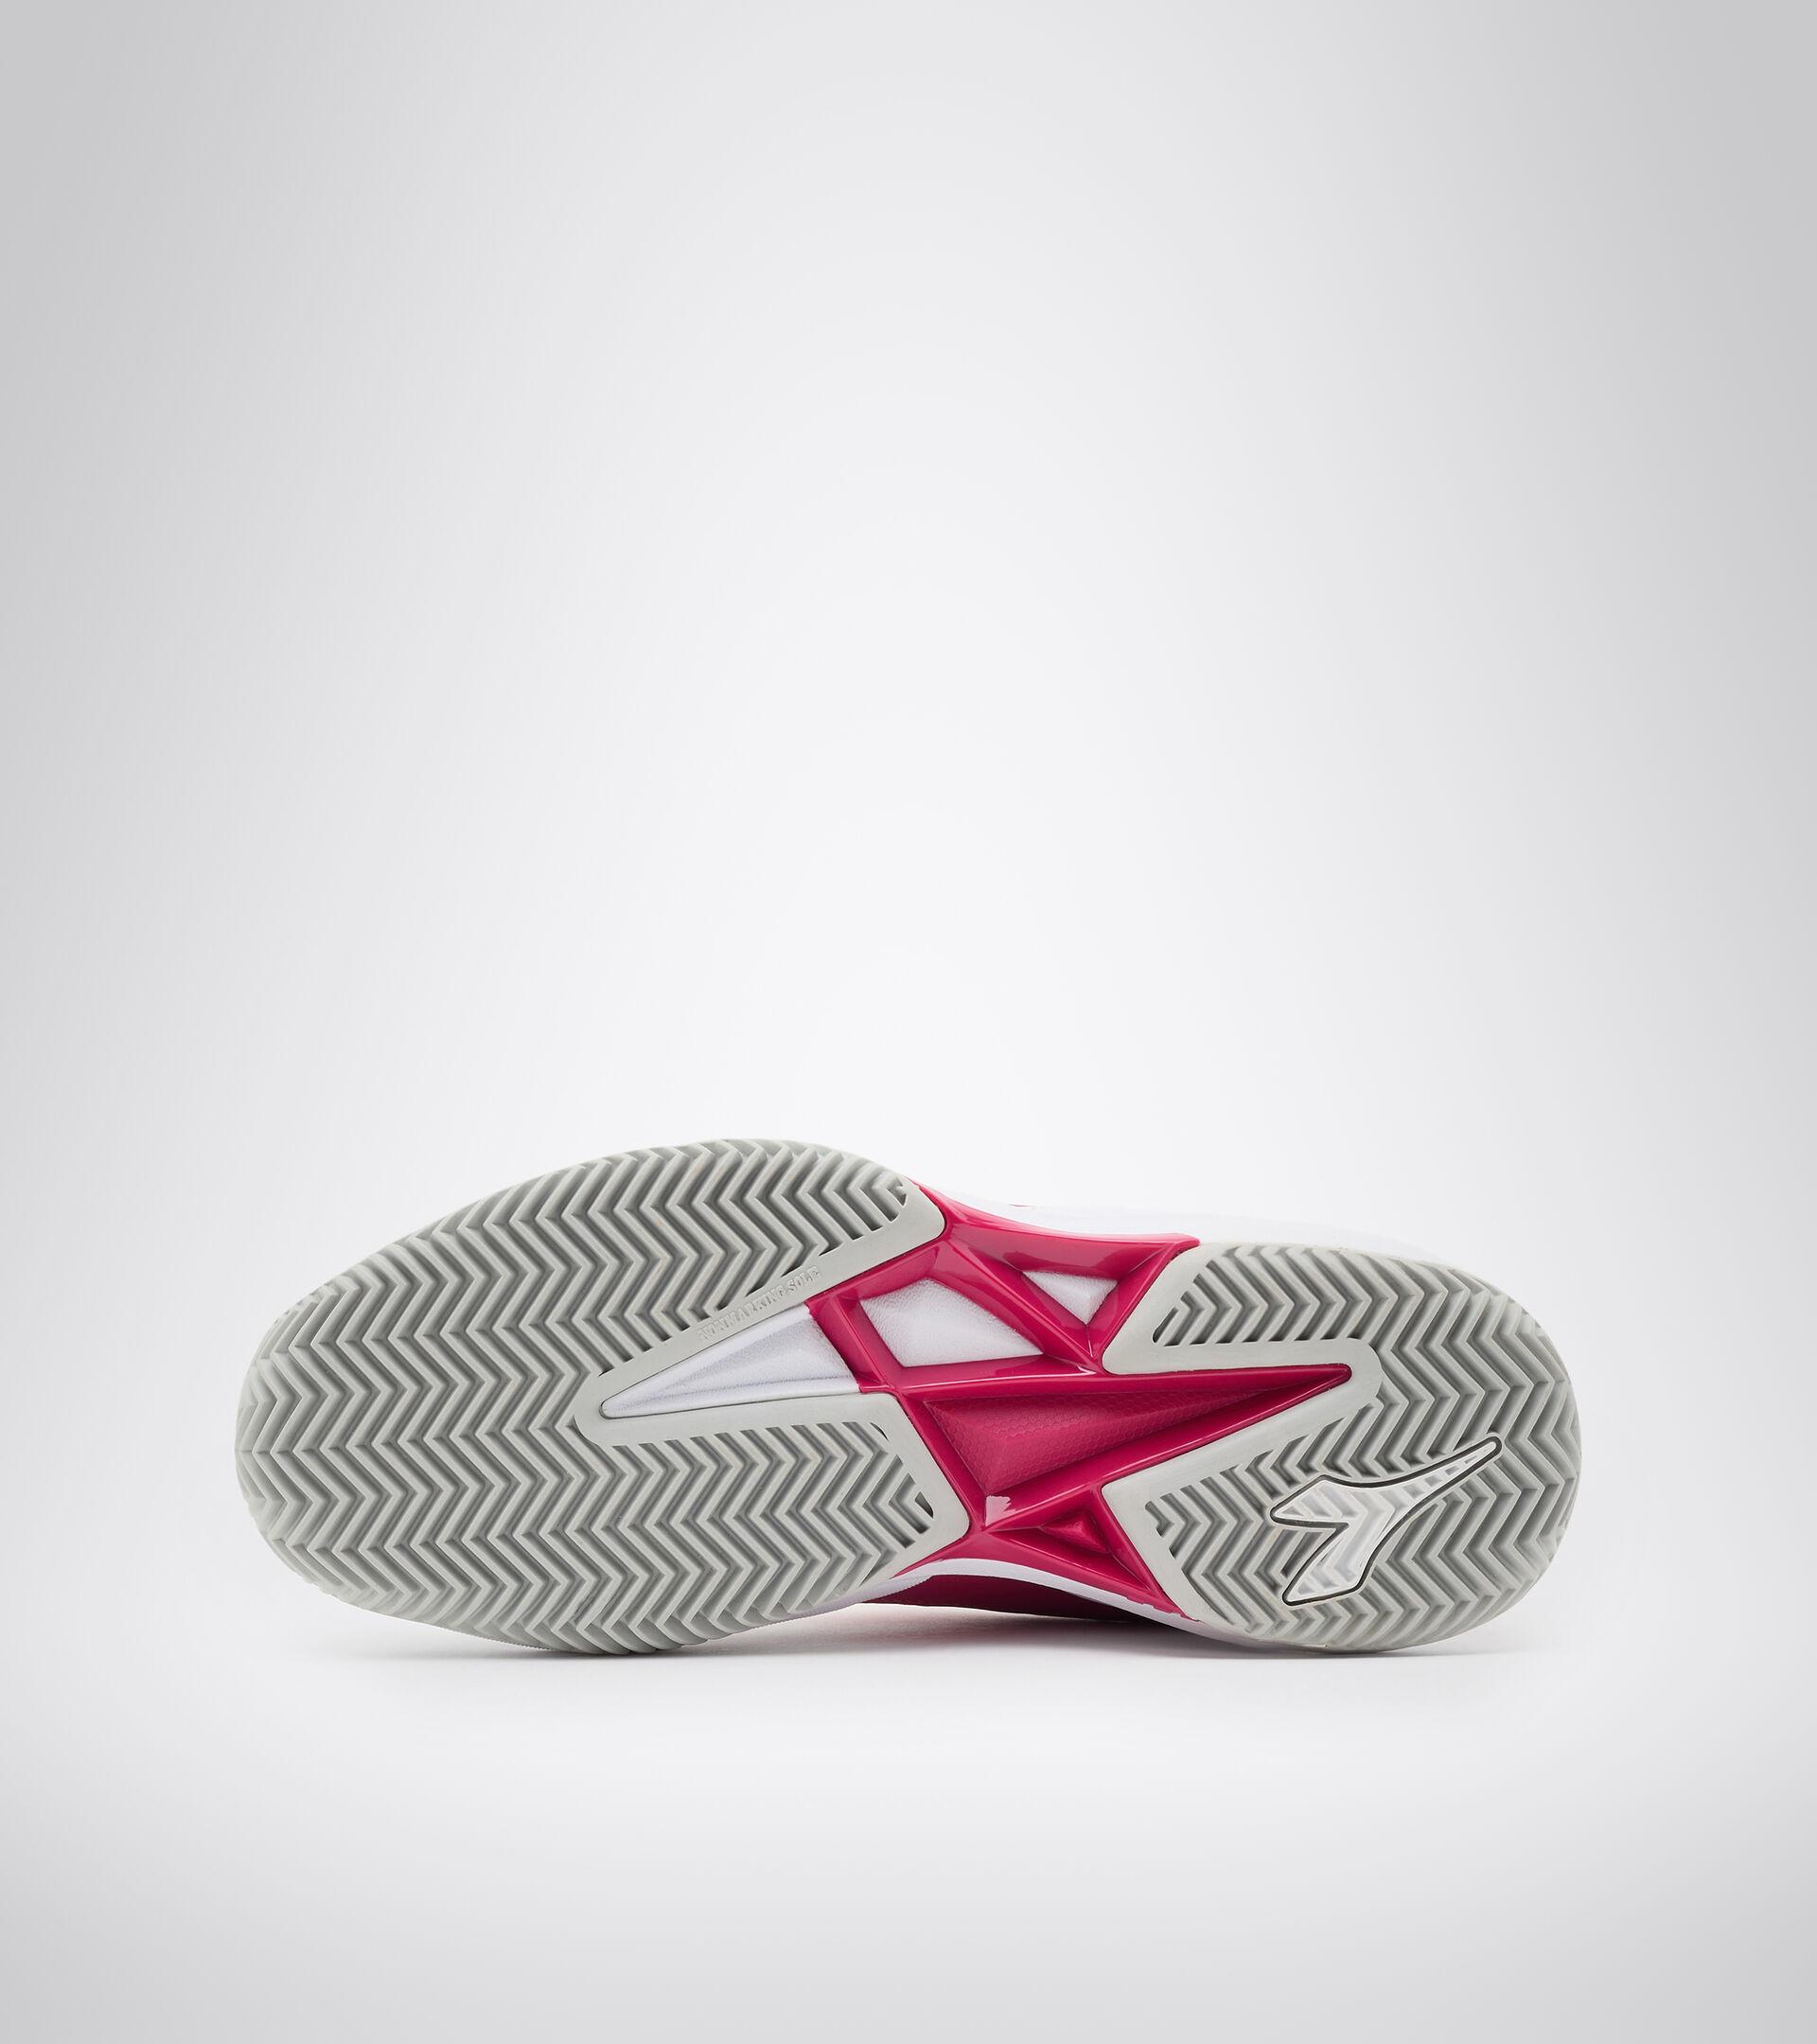 Footwear Sport DONNA S. CHALLENGE 3 W SL CLAY WHITE/JAZZY Diadora